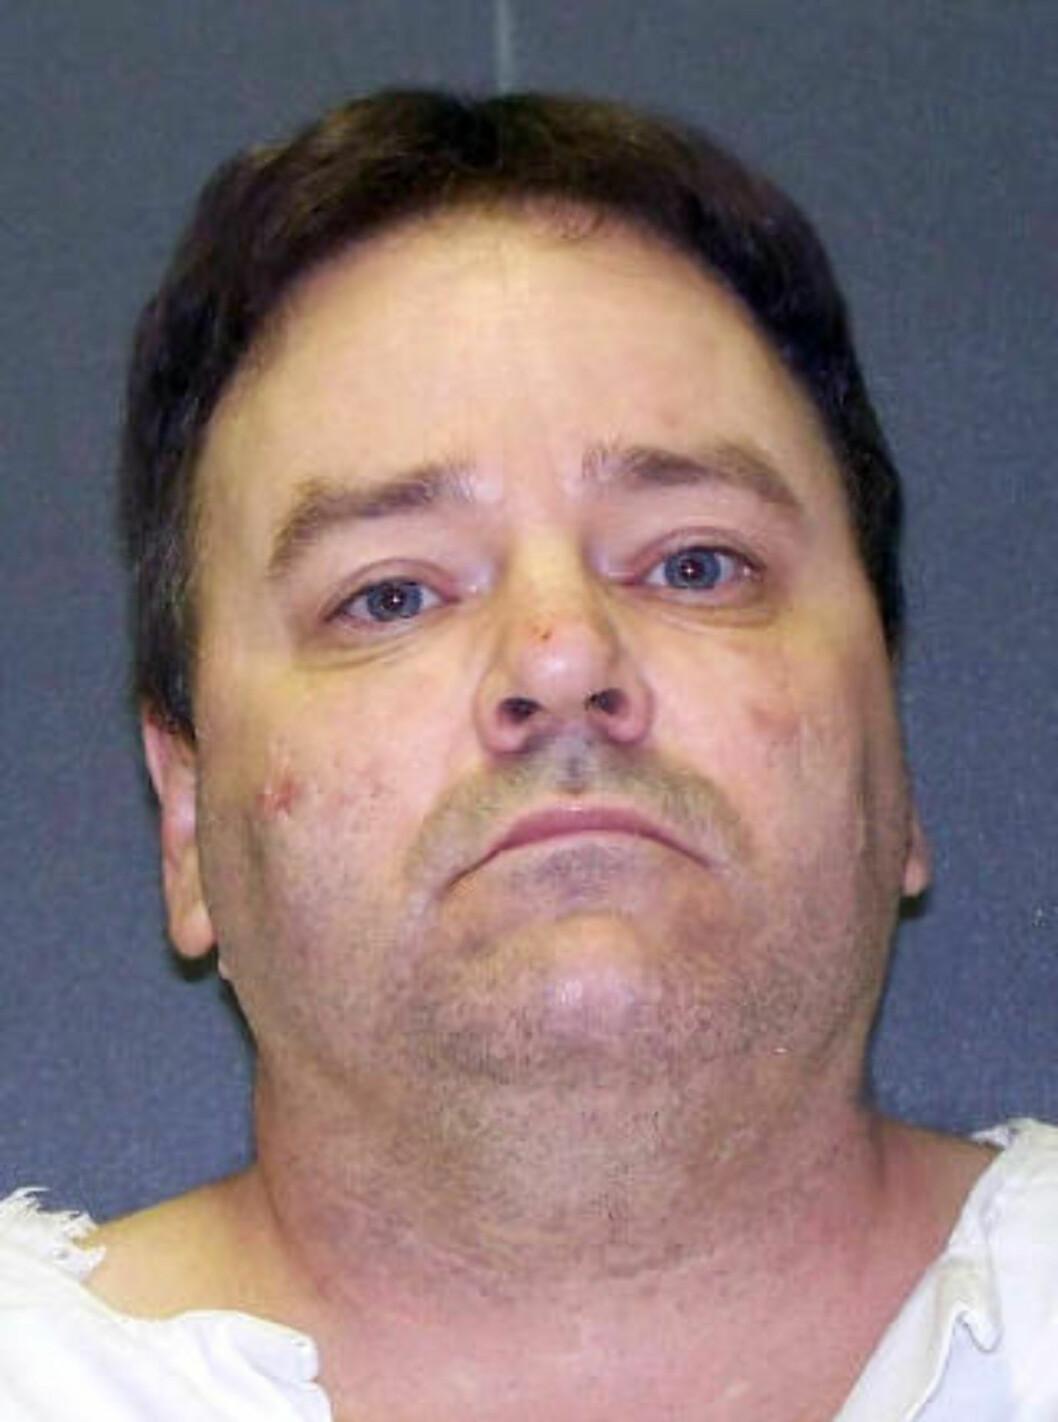 <strong>DRAPSDØMT:</strong> Tommy Lynn Sells (49) og hans advokater hadde bedt om å få utsatt henrettelsen fordi de ønsket å vite hvem som har produsert legemidlene i den dødelige injeksjonen. Foto: AP / NTB scanpix